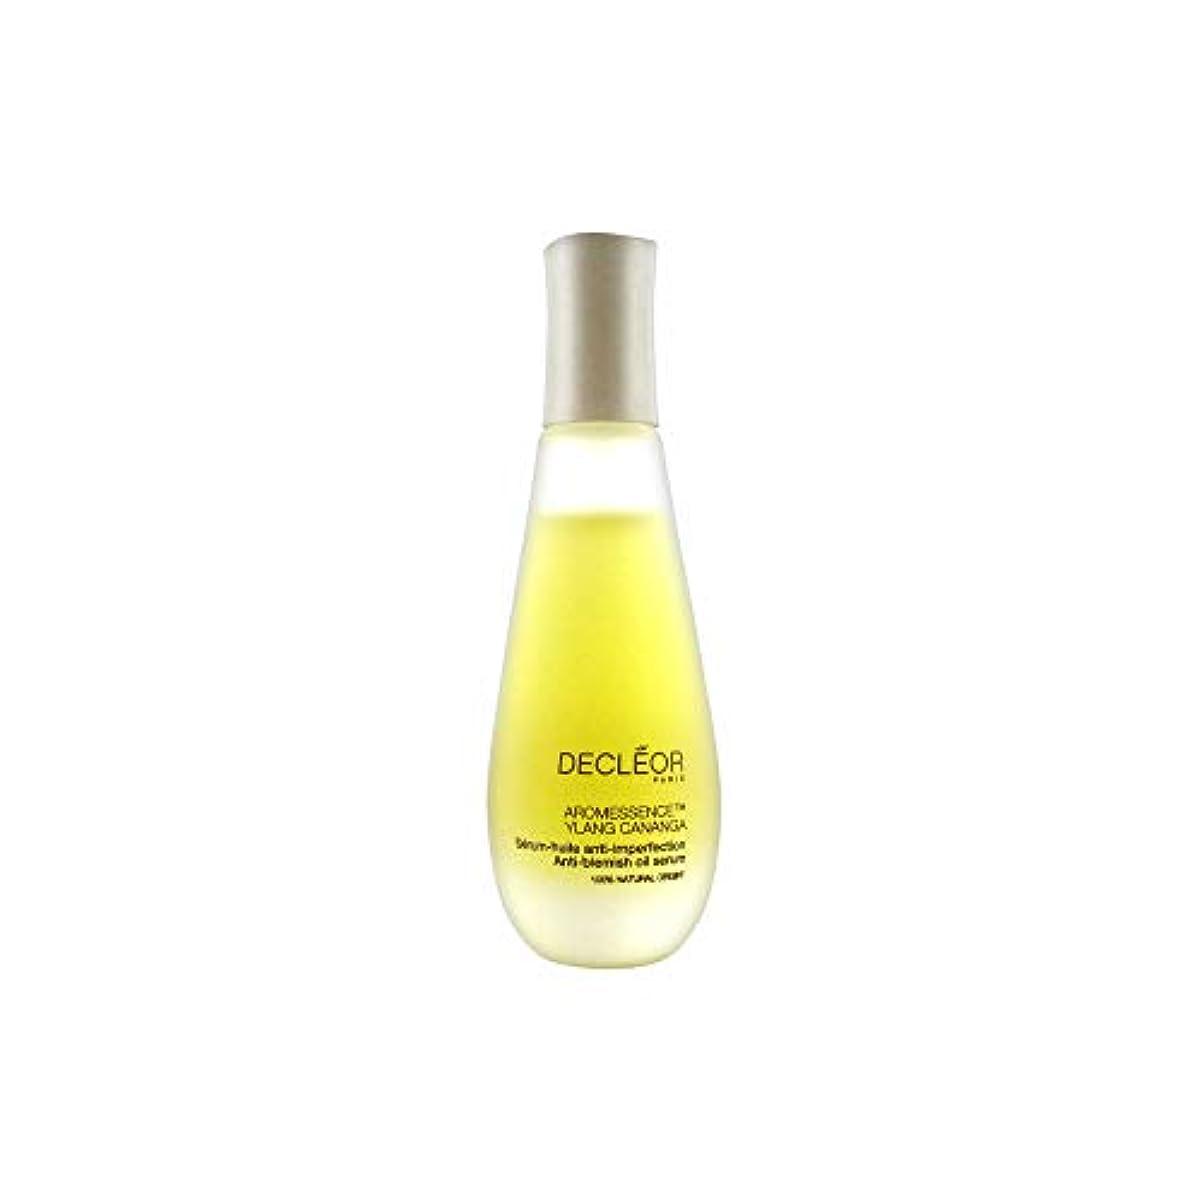 想定する百科事典ホールドデクレオール Aromessence Ylang Cananga Anti-Blemish Oil Serum - For Combination to Oily Skin 15ml/0.5oz並行輸入品